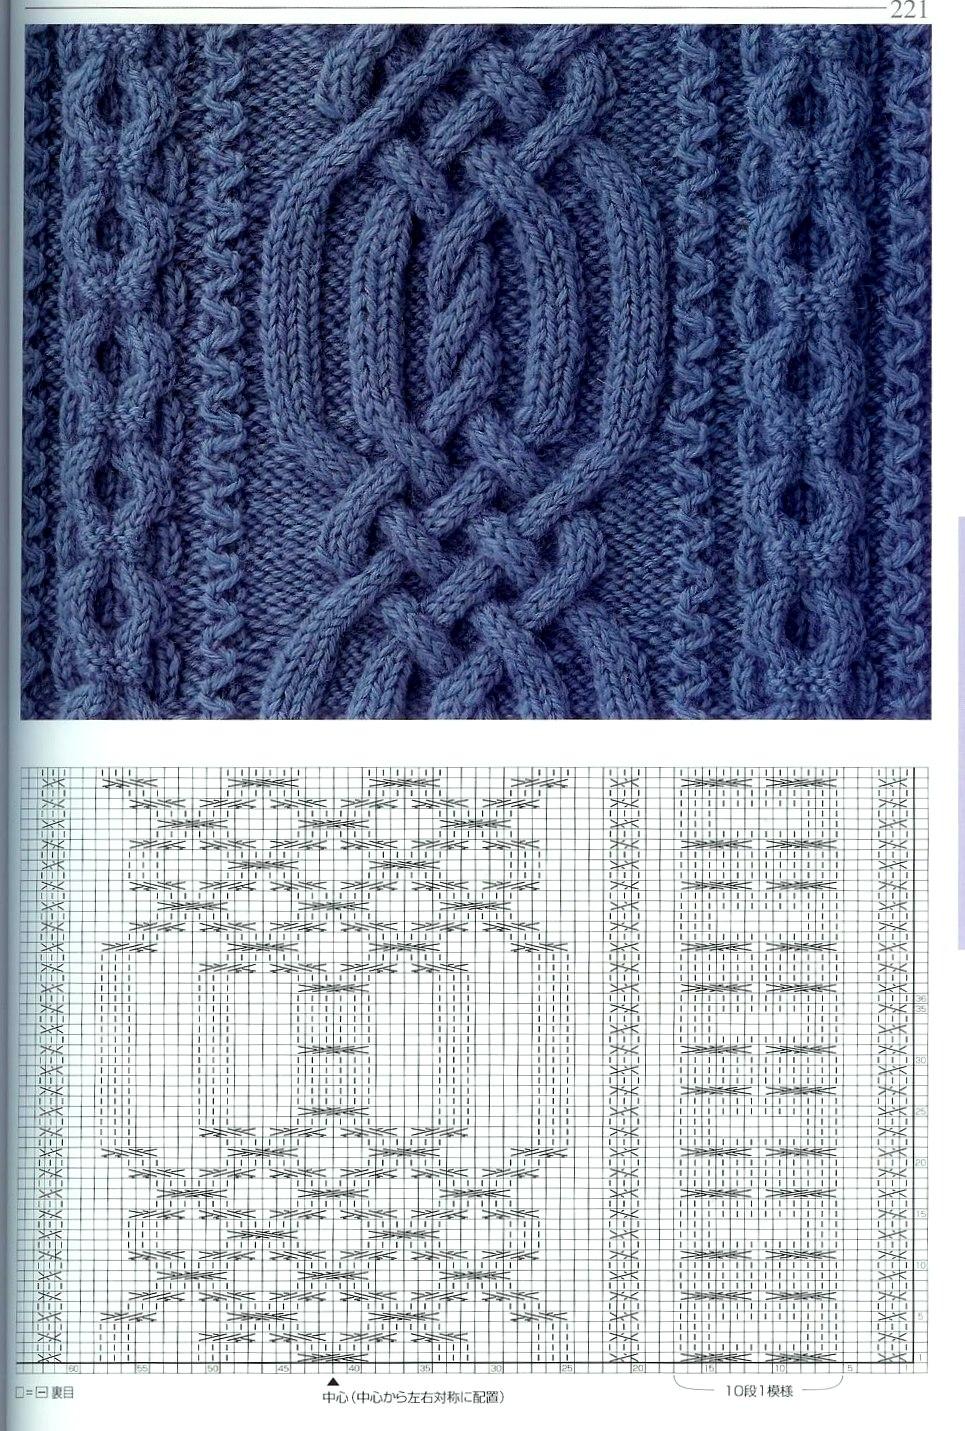 Книга: Knitting patterns book 250 (вязание).  Большая японская книга с узорами по вязанию спицами...